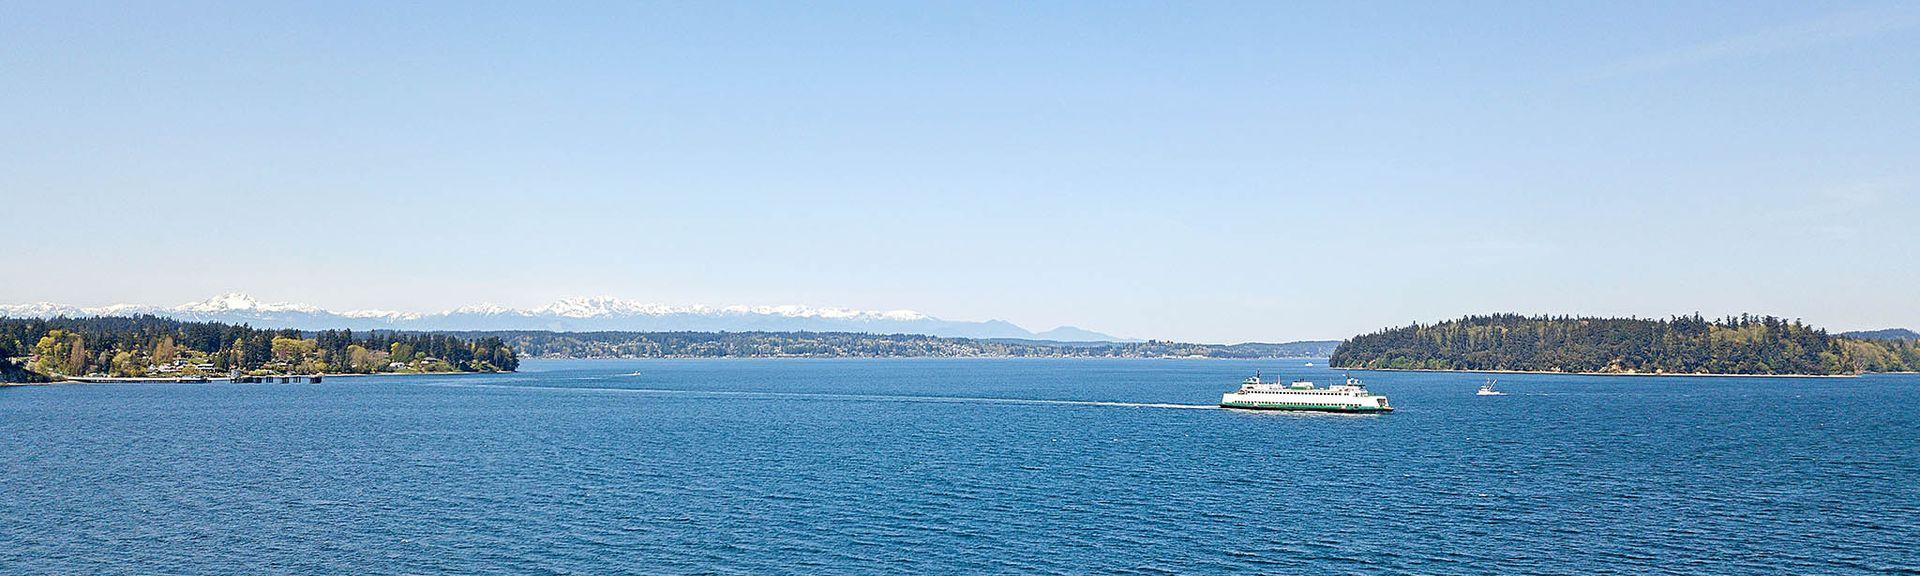 Southwest, Seattle, Washington, États-Unis d'Amérique